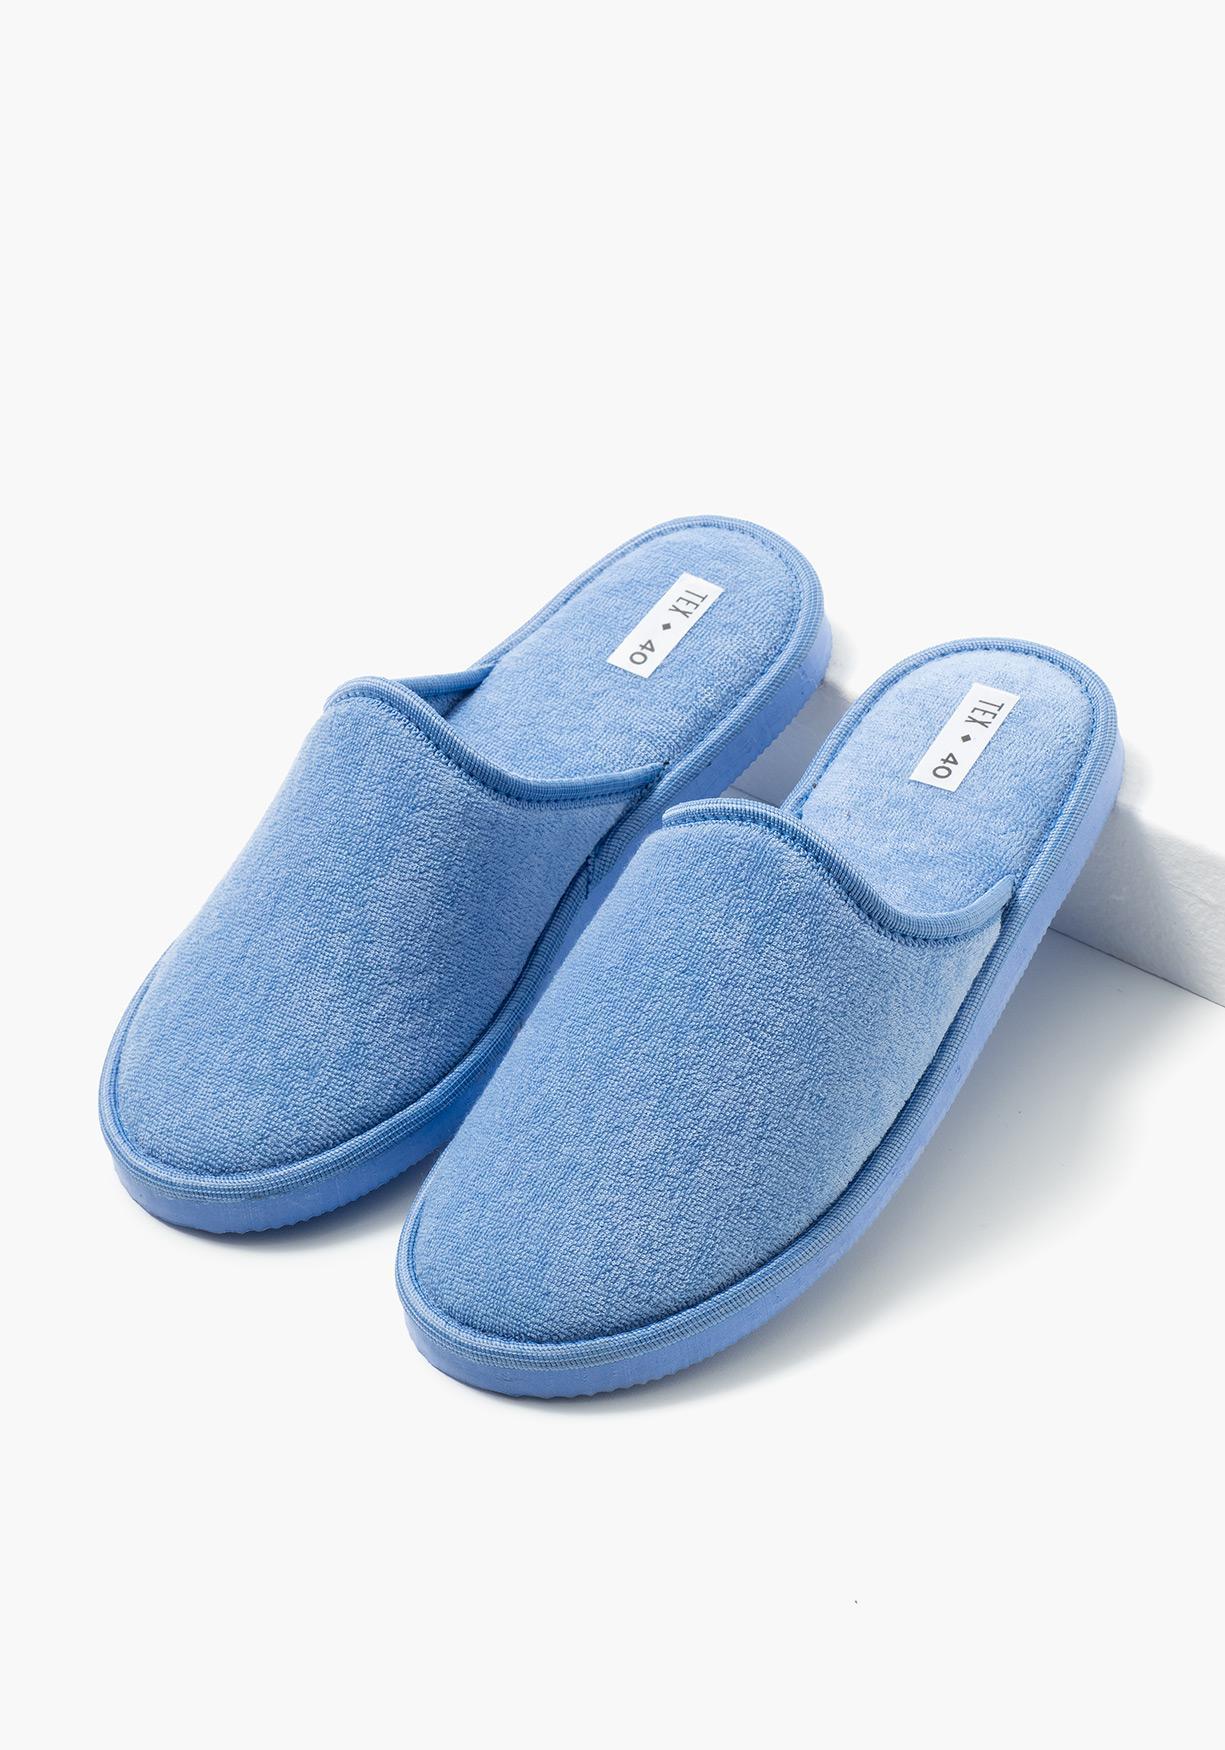 Barato New Zapatillas de estar por casa TEX Buscando Low Shipping Venta en línea Liquidación Tienda en venta Barato barato en línea zPLei